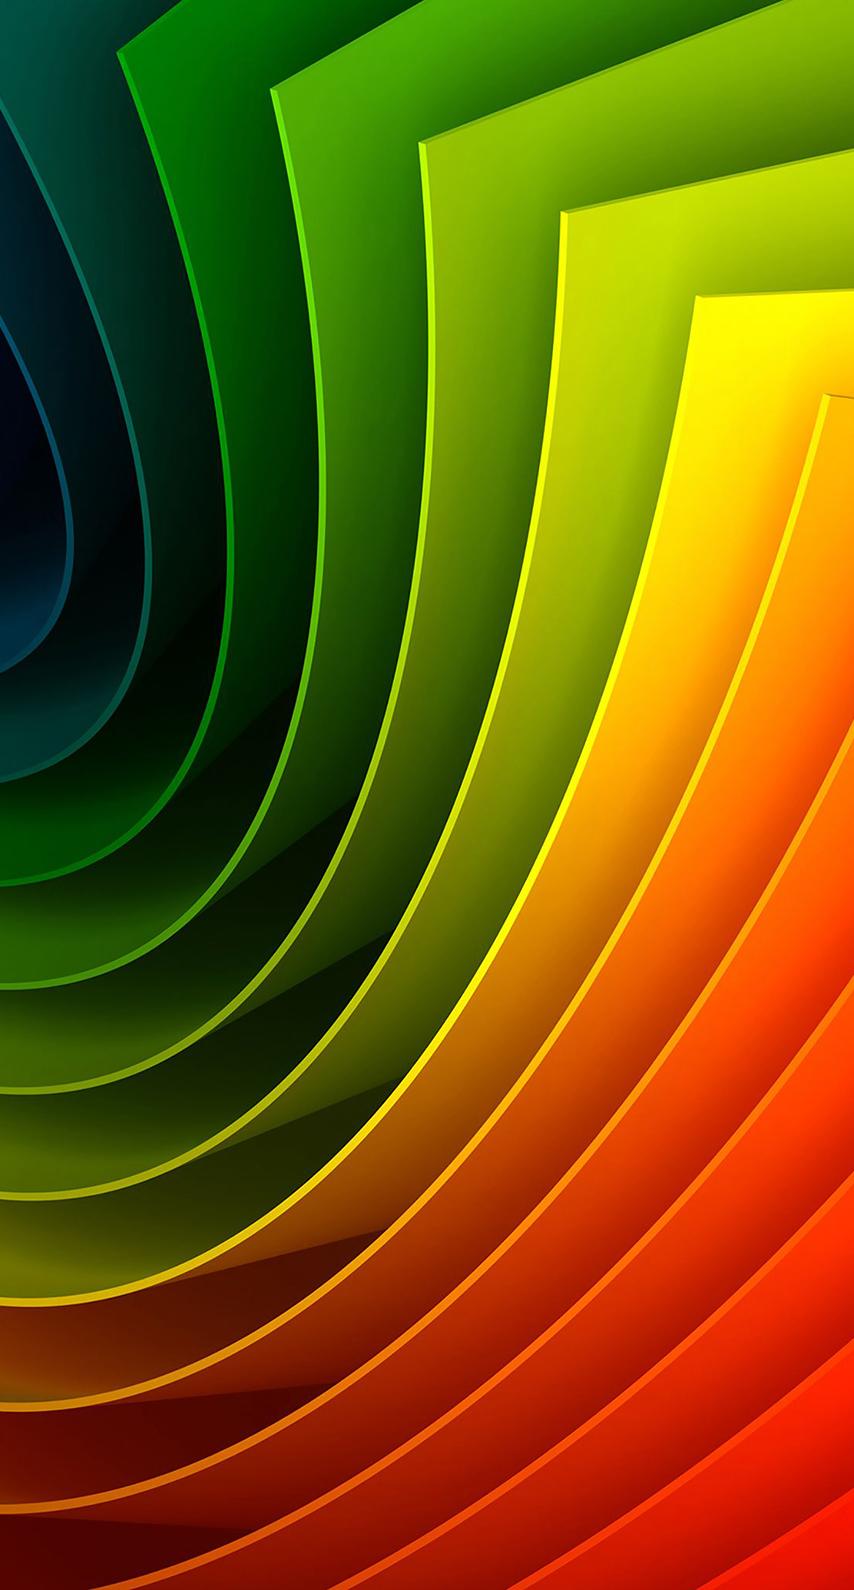 art, graphic, design, background, wallpaper, desktop, illustration, shape, line